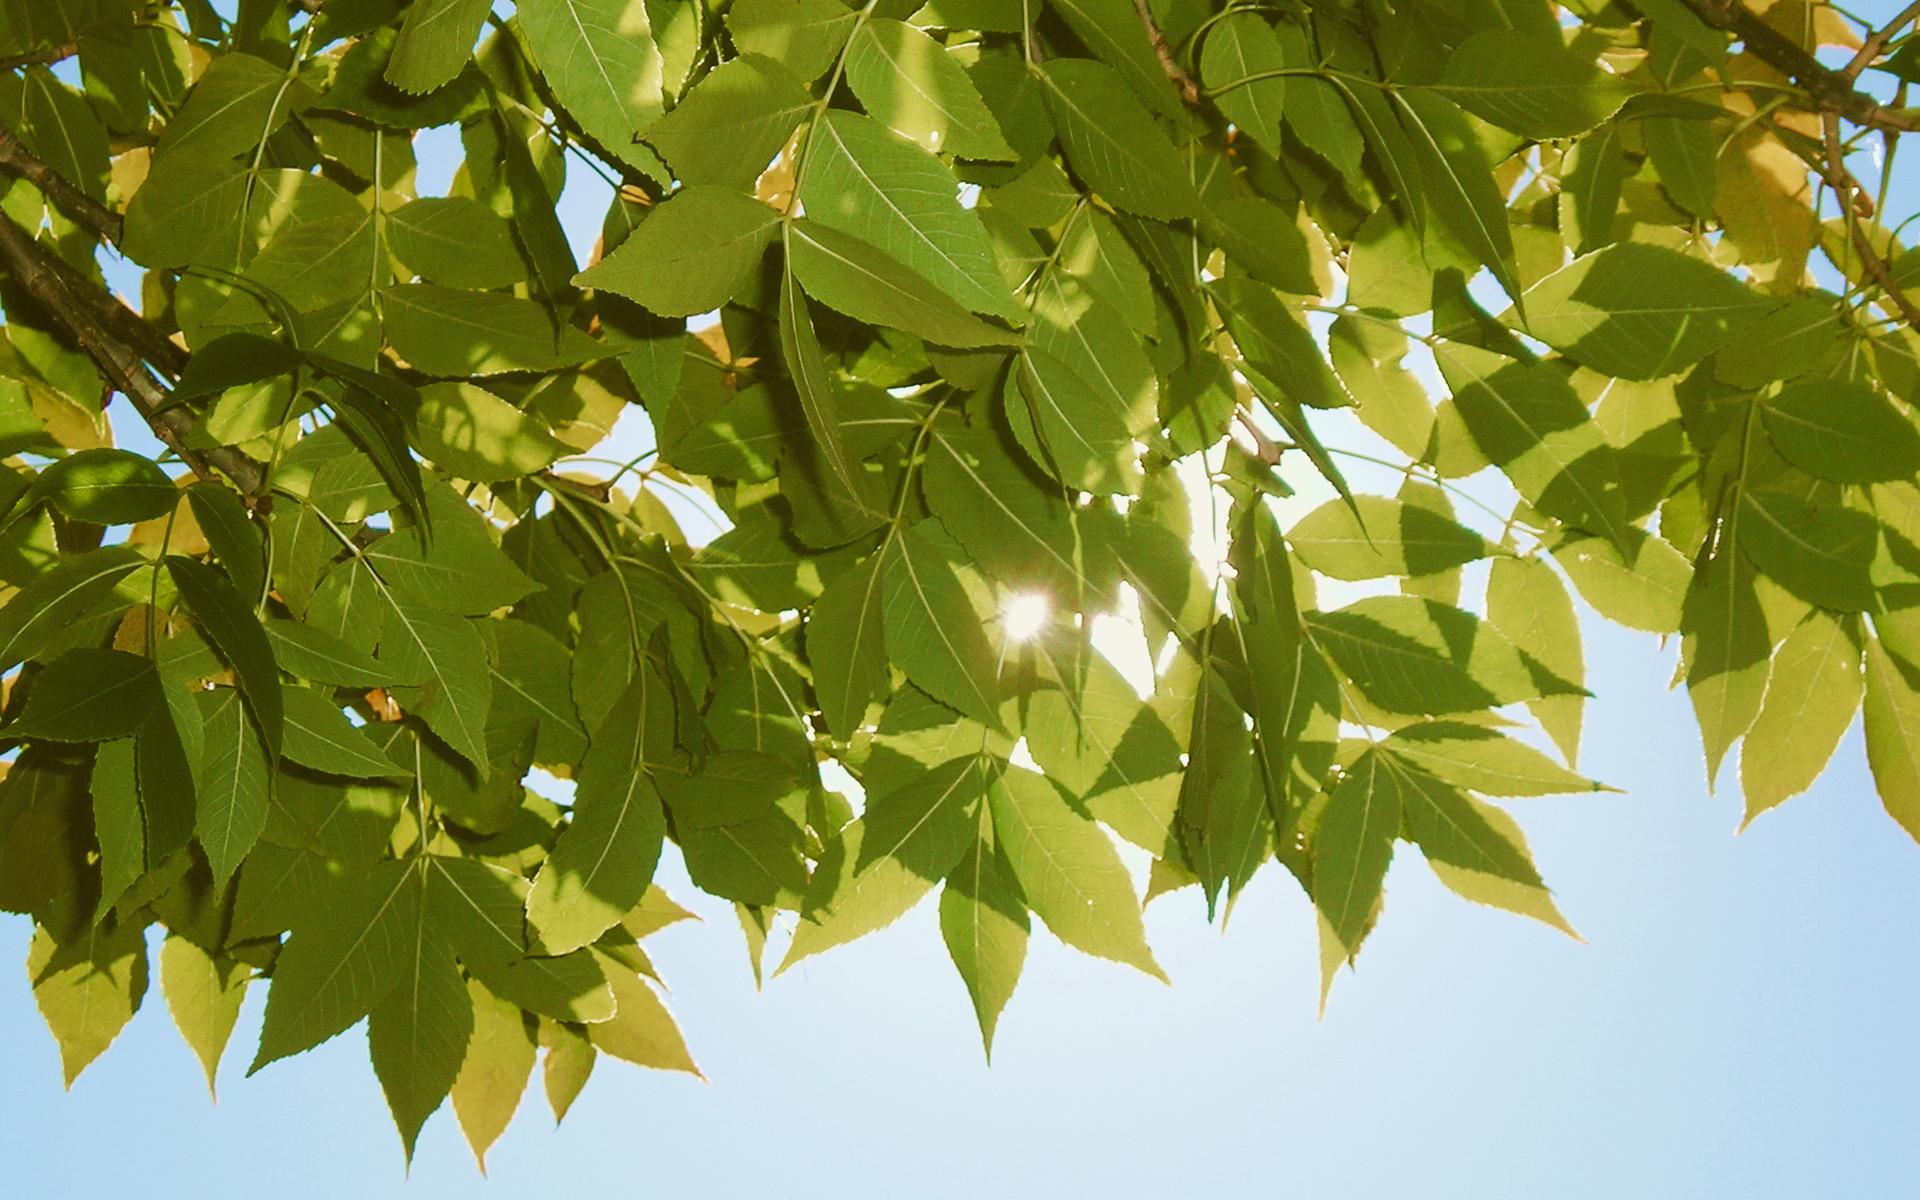 壁纸1920×1200高清宽屏植物风光摄影壁纸 2009 09 26 壁纸2壁纸 高清宽屏植物风光摄影壁纸图片系统壁纸系统图片素材桌面壁纸